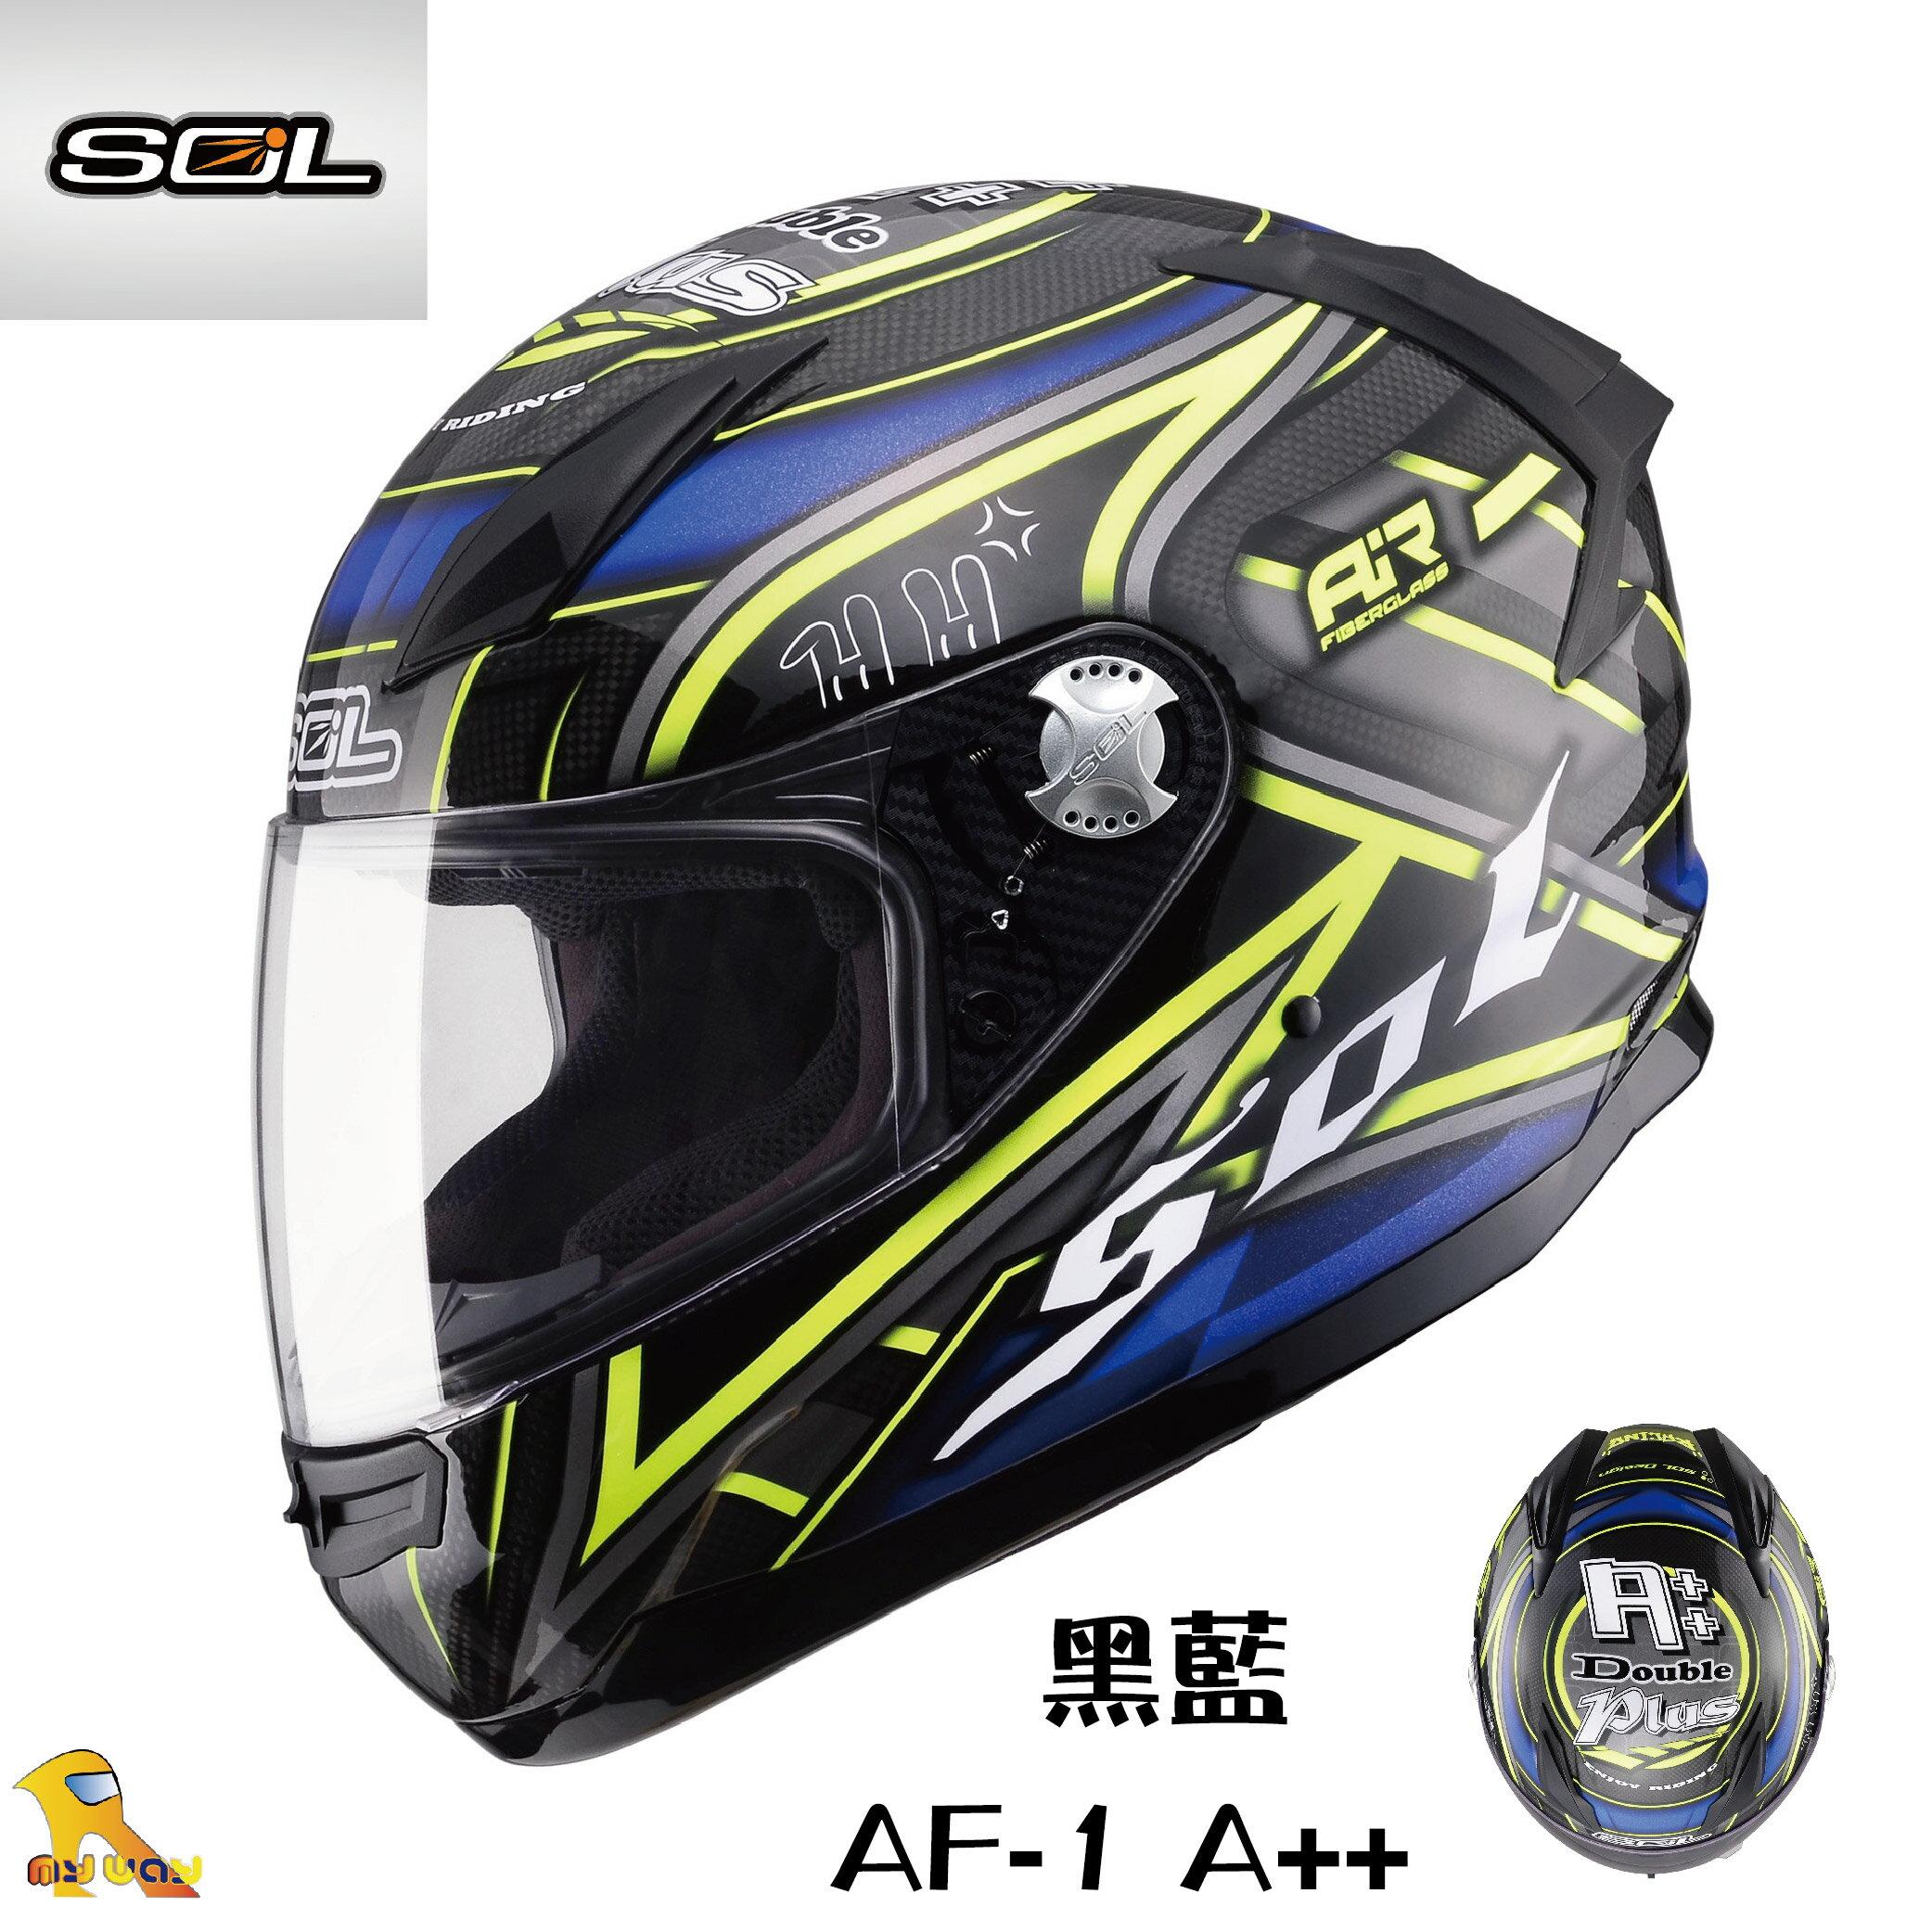 ~任我行騎士人身安全部品專賣~SOL AF-1 AF1 A++ 碳纖維 黑藍 安全帽 全罩式 送內襯清潔劑